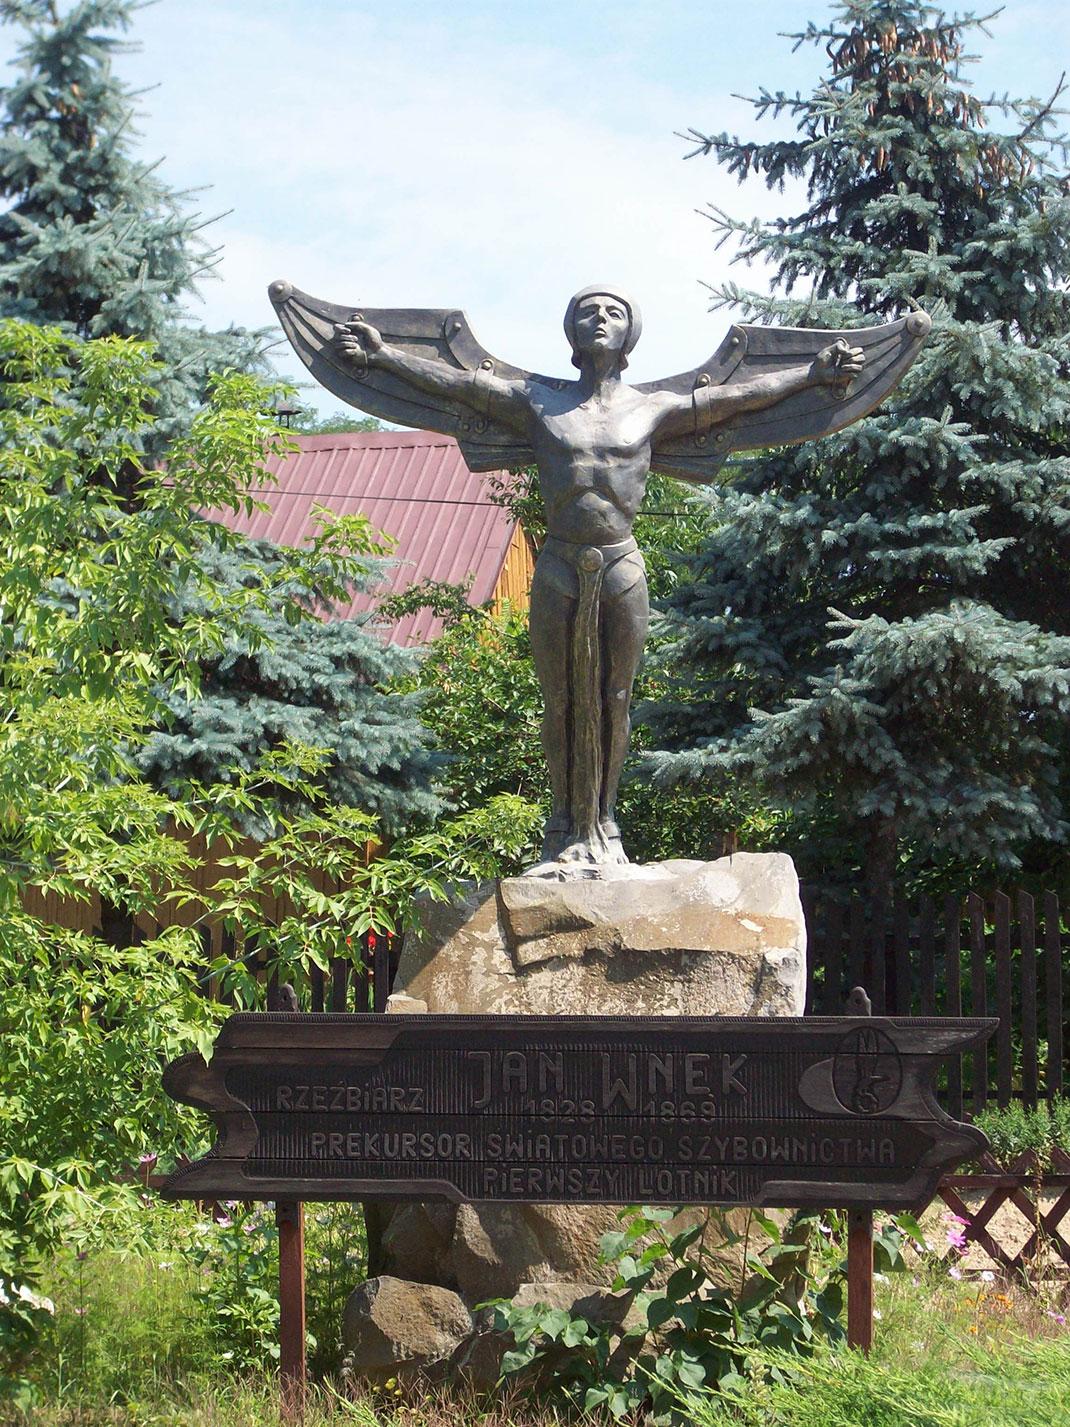 Une statue représentant le sculpteur via Wikimédia by Kauczuk